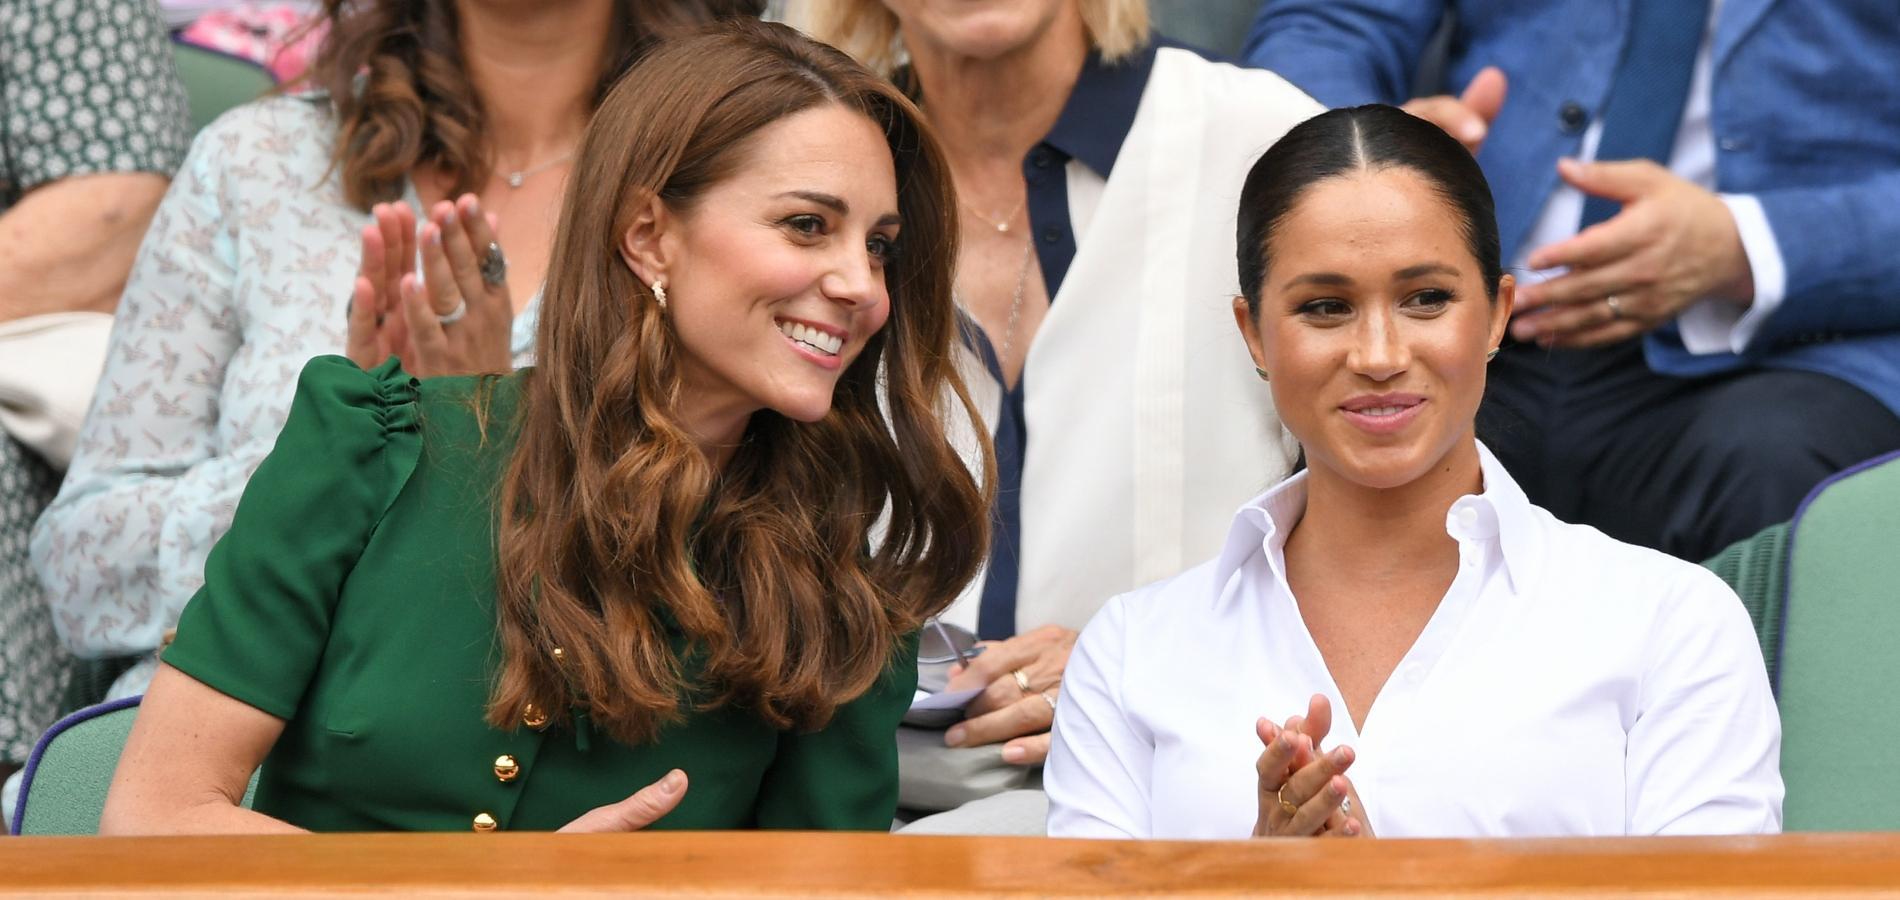 Pourquoi Kate et Meghan n'ont-elles pas le droit de porter de diamants la journée ?